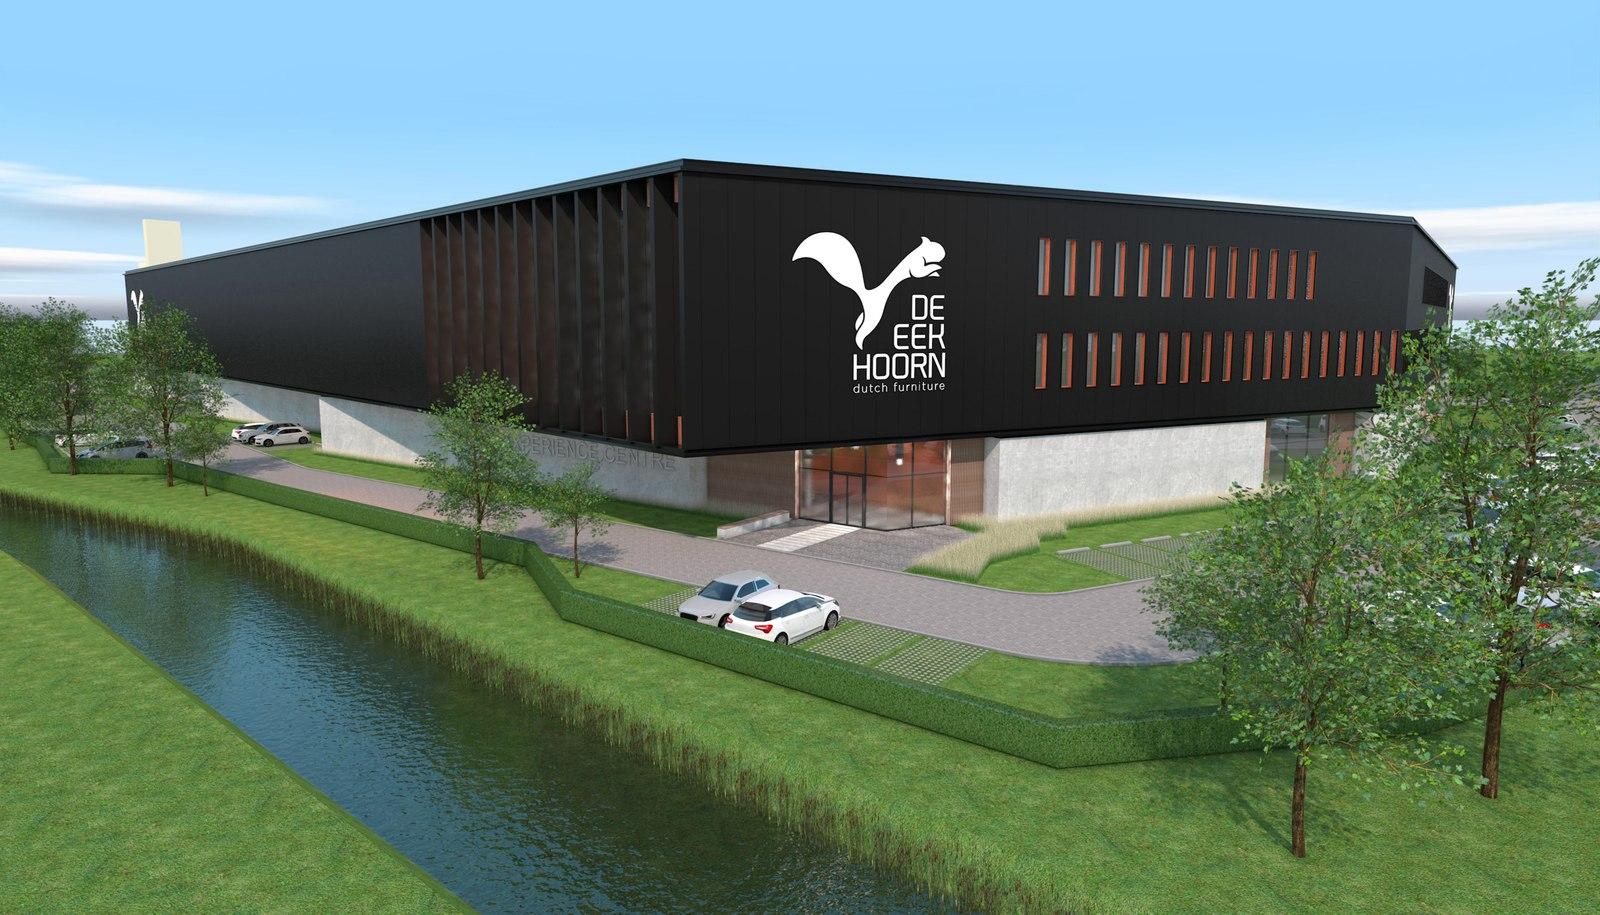 Eekhoorn Dutch Furniture breidt uit op Zevenhuis